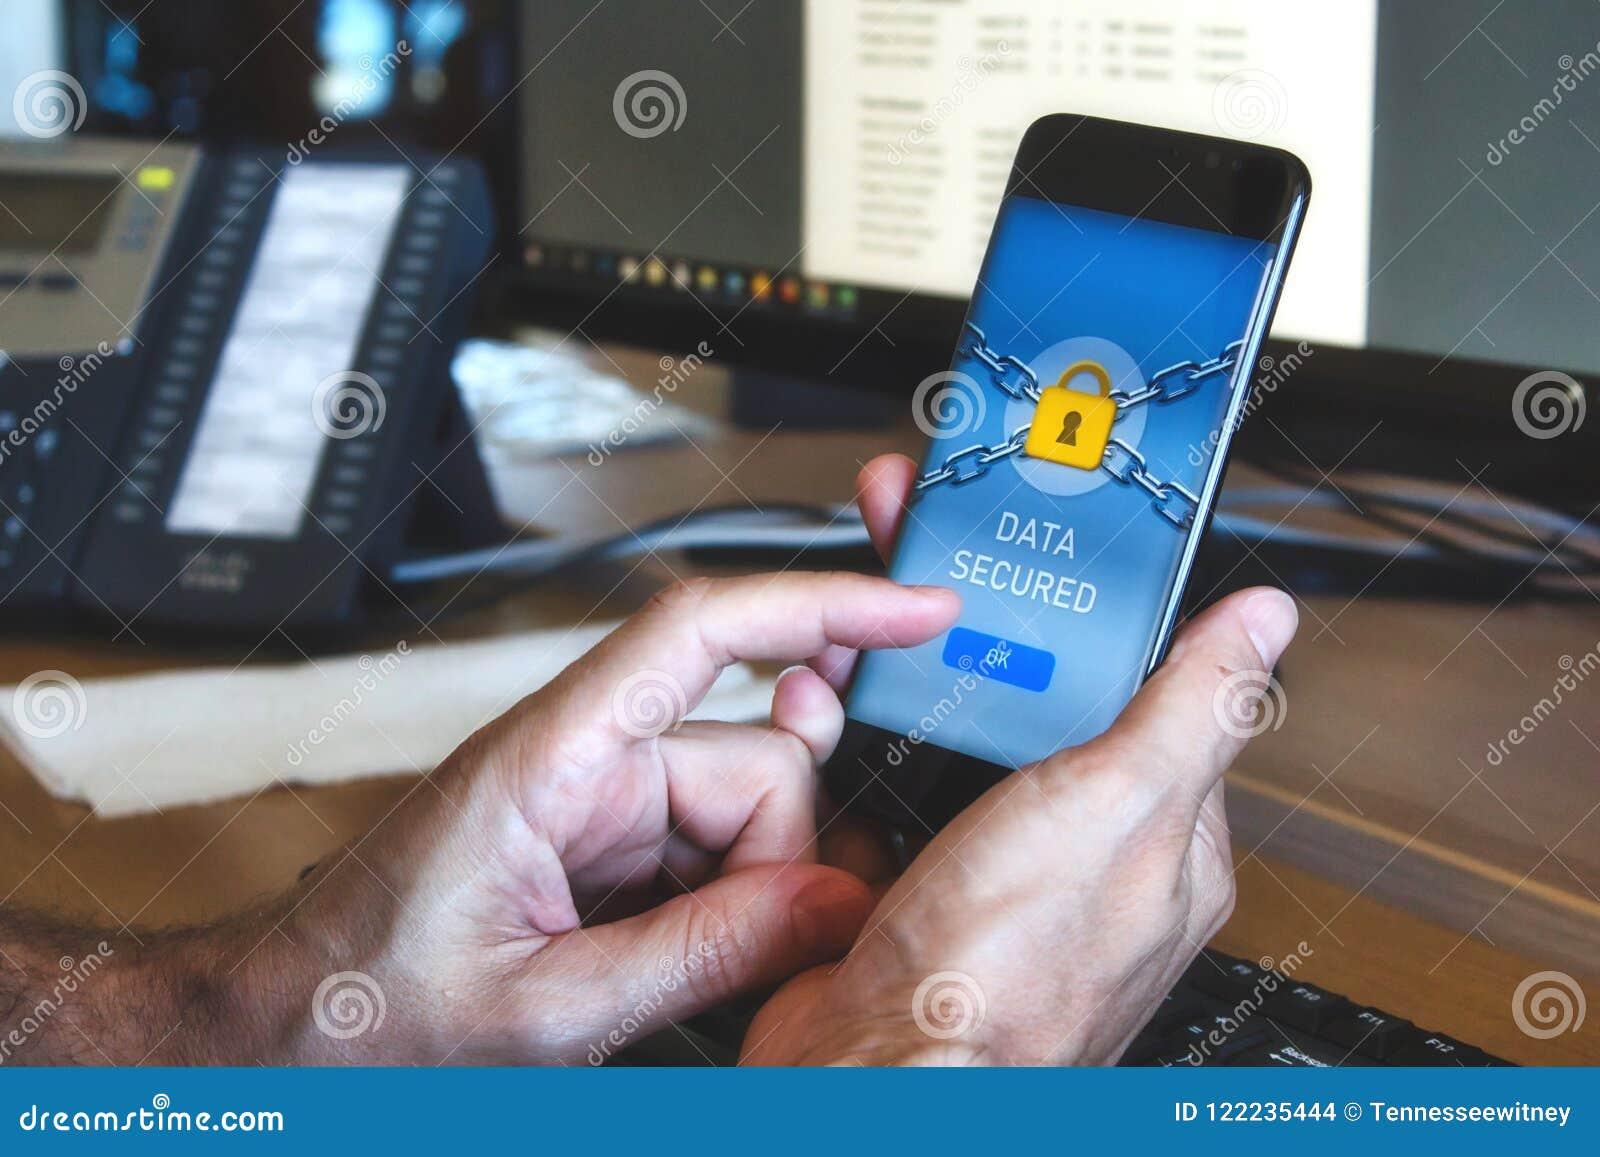 Sirva sostener un teléfono elegante móvil con un uso de la seguridad de datos que exhibe un candado amarillo